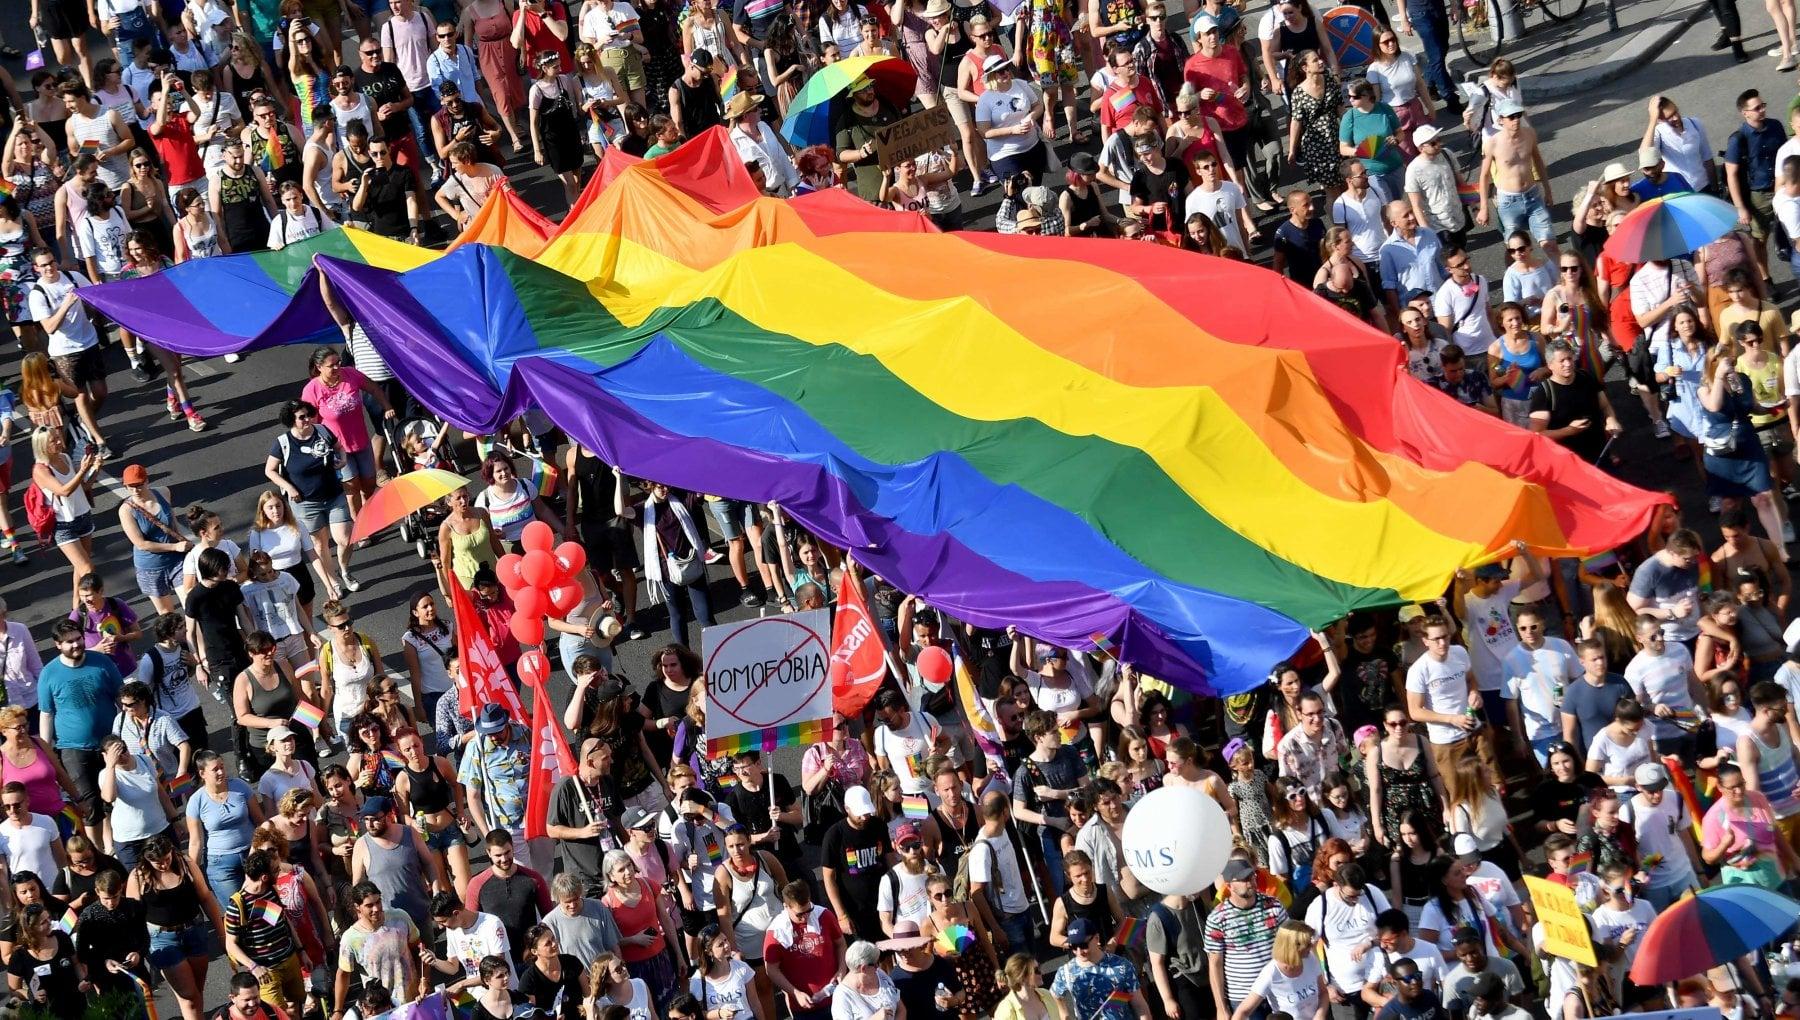 Terapie per curare i gay al bando lappello di quasi 400 religiosi